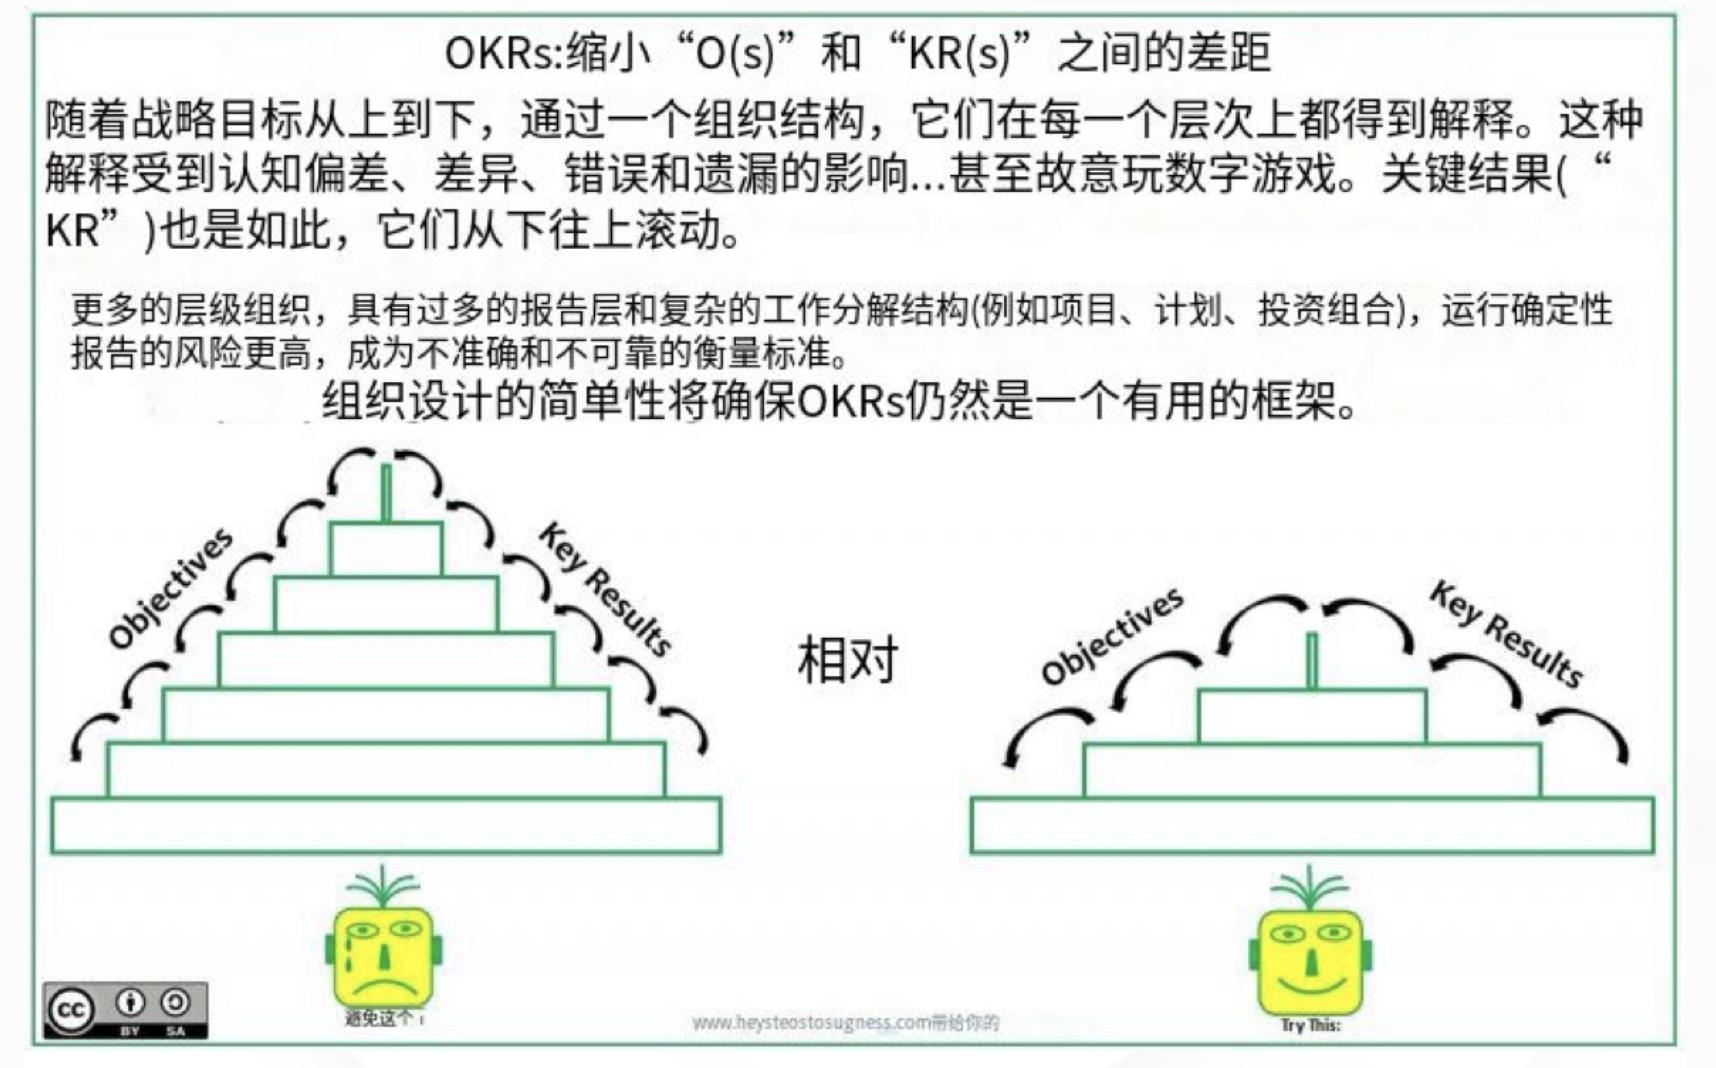 """OKR:缩小 """"O """"和 """"KR """"之间的差距"""